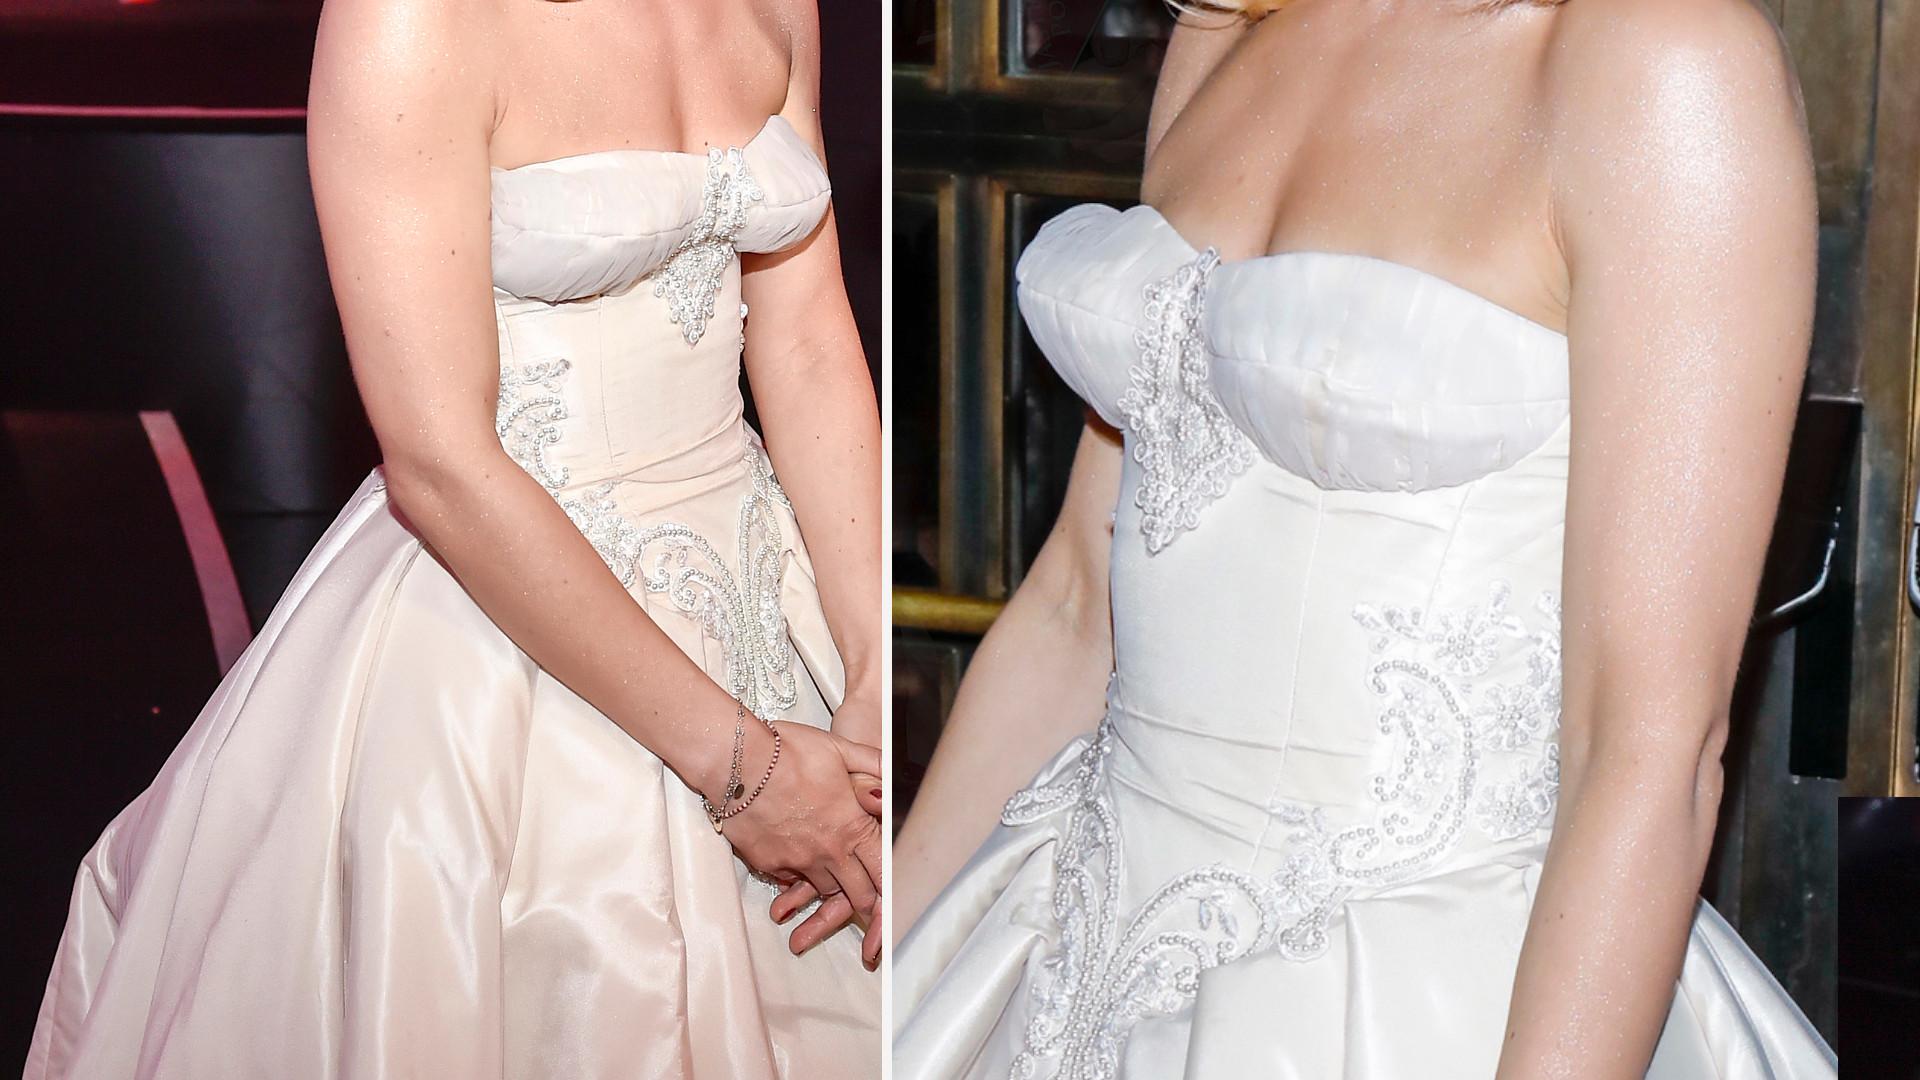 Nie uwierzysz, która gwiazda tak zmasakrowała swój biust w za małej sukience! (FOTO)